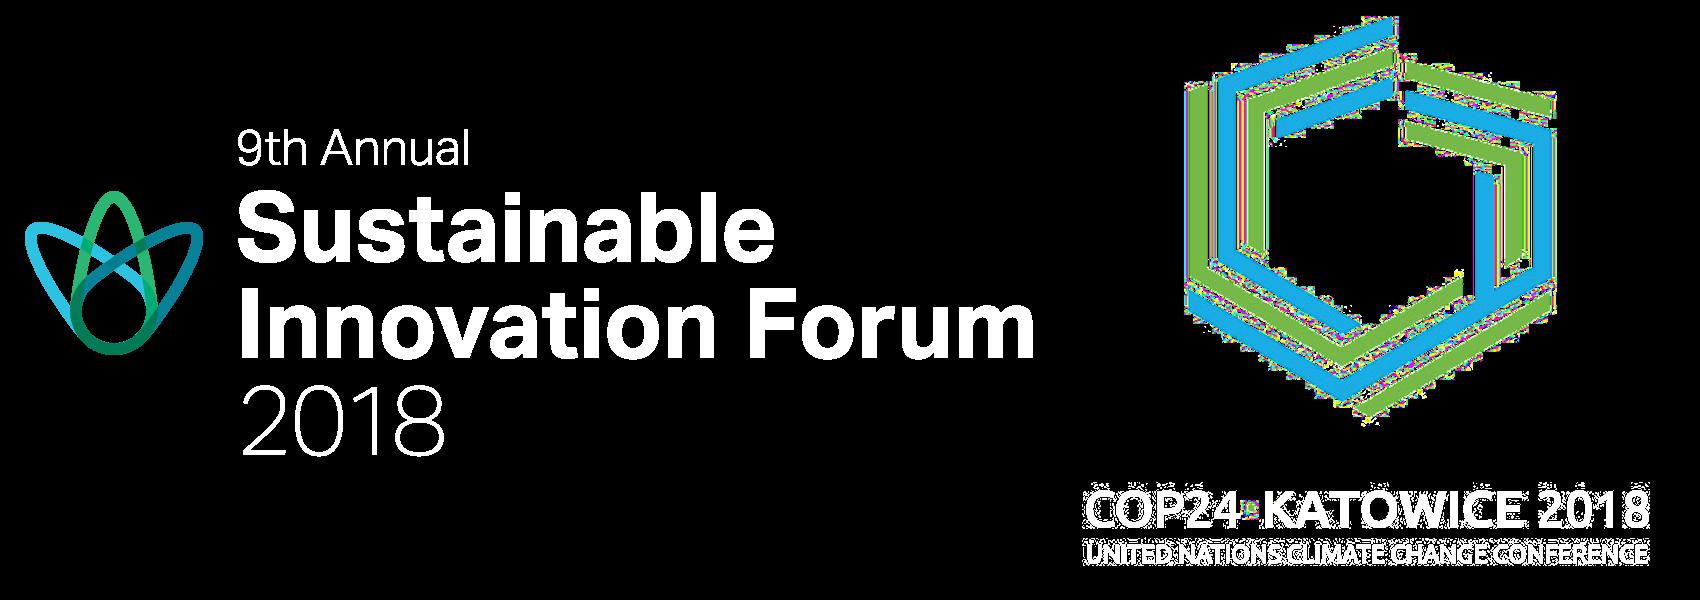 COP24 Katowice - Sustainable Innovation Forum 2018